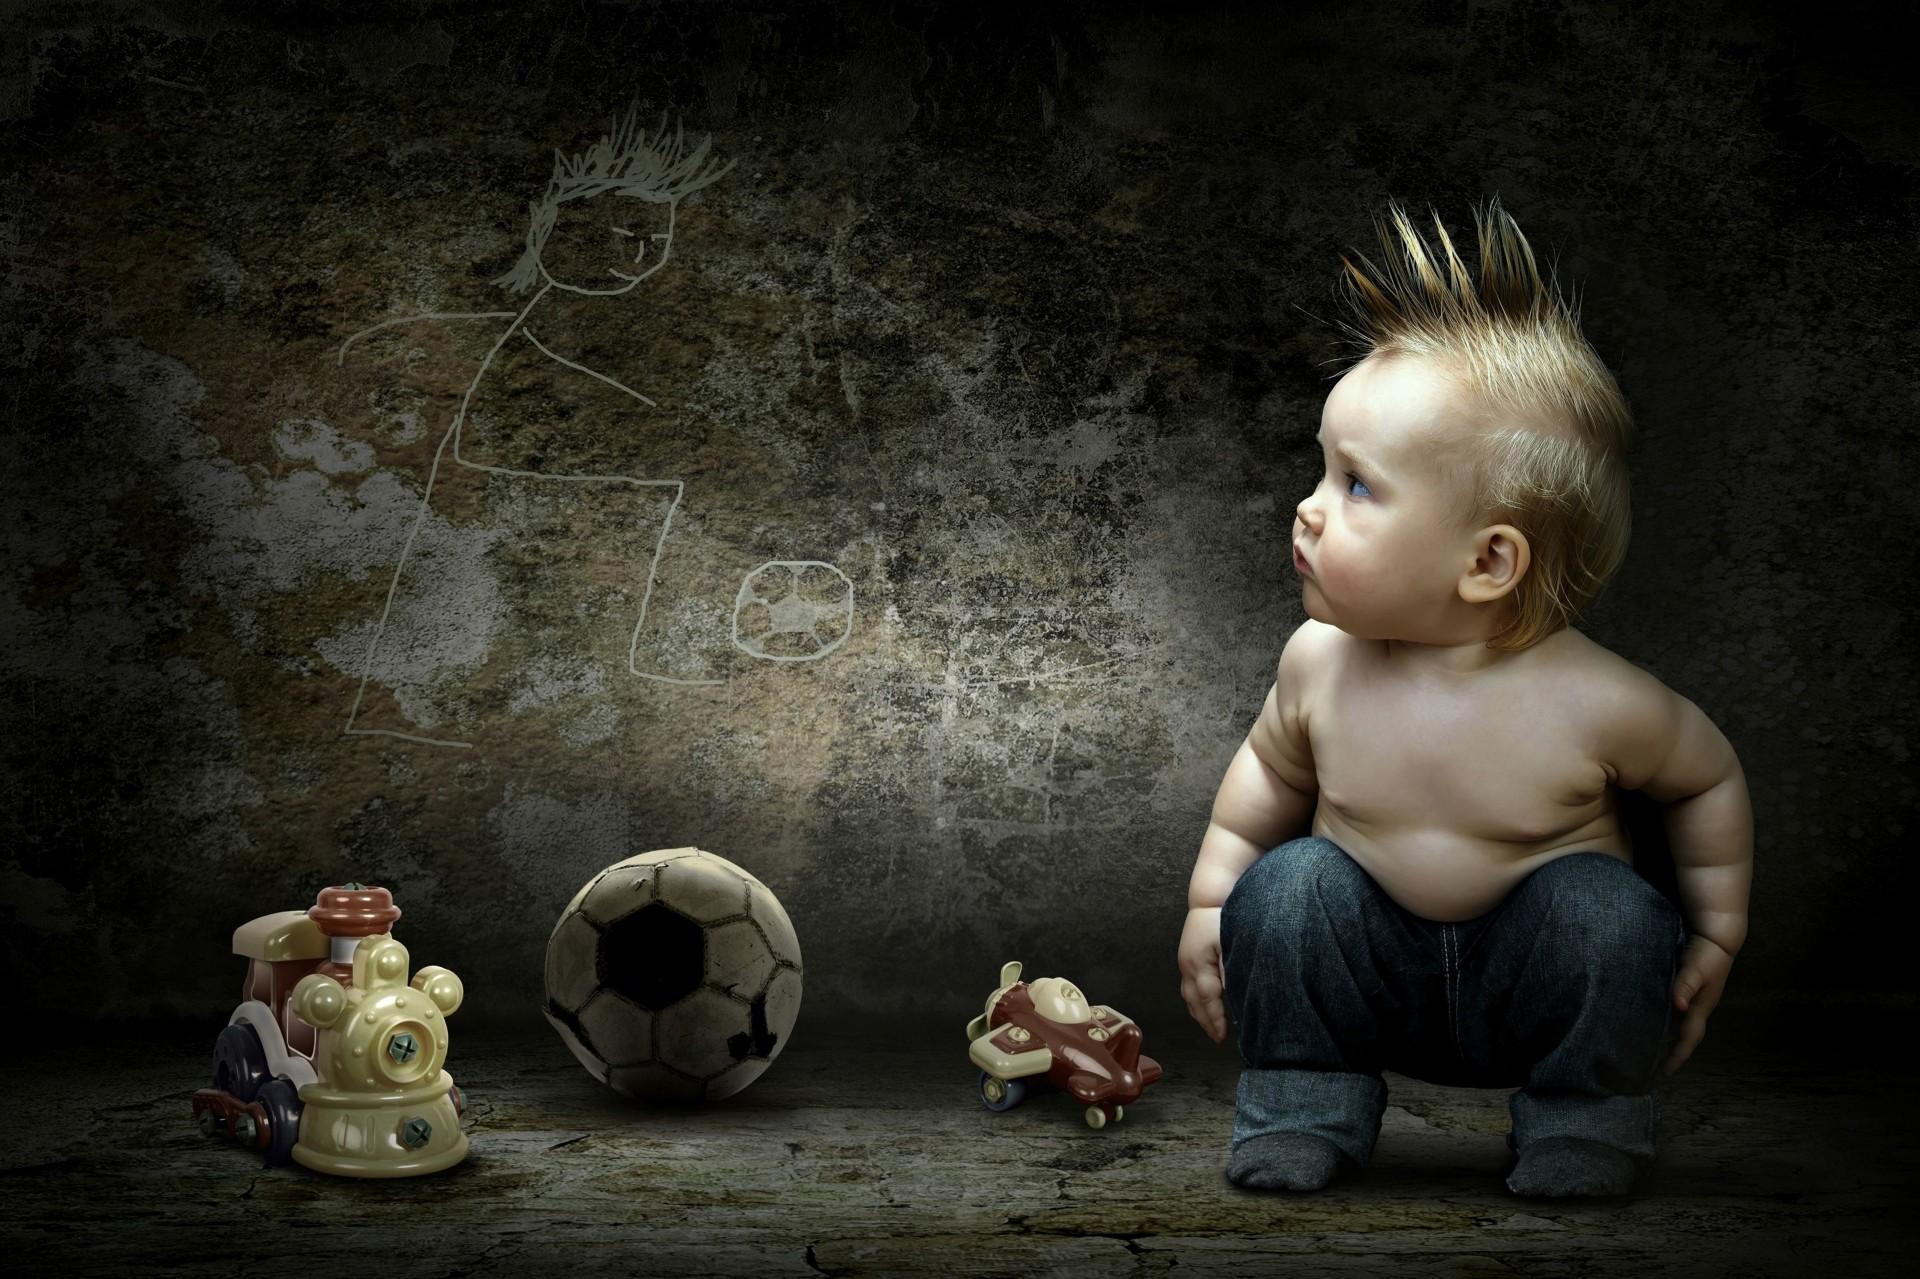 малыш на темном фоне картинки